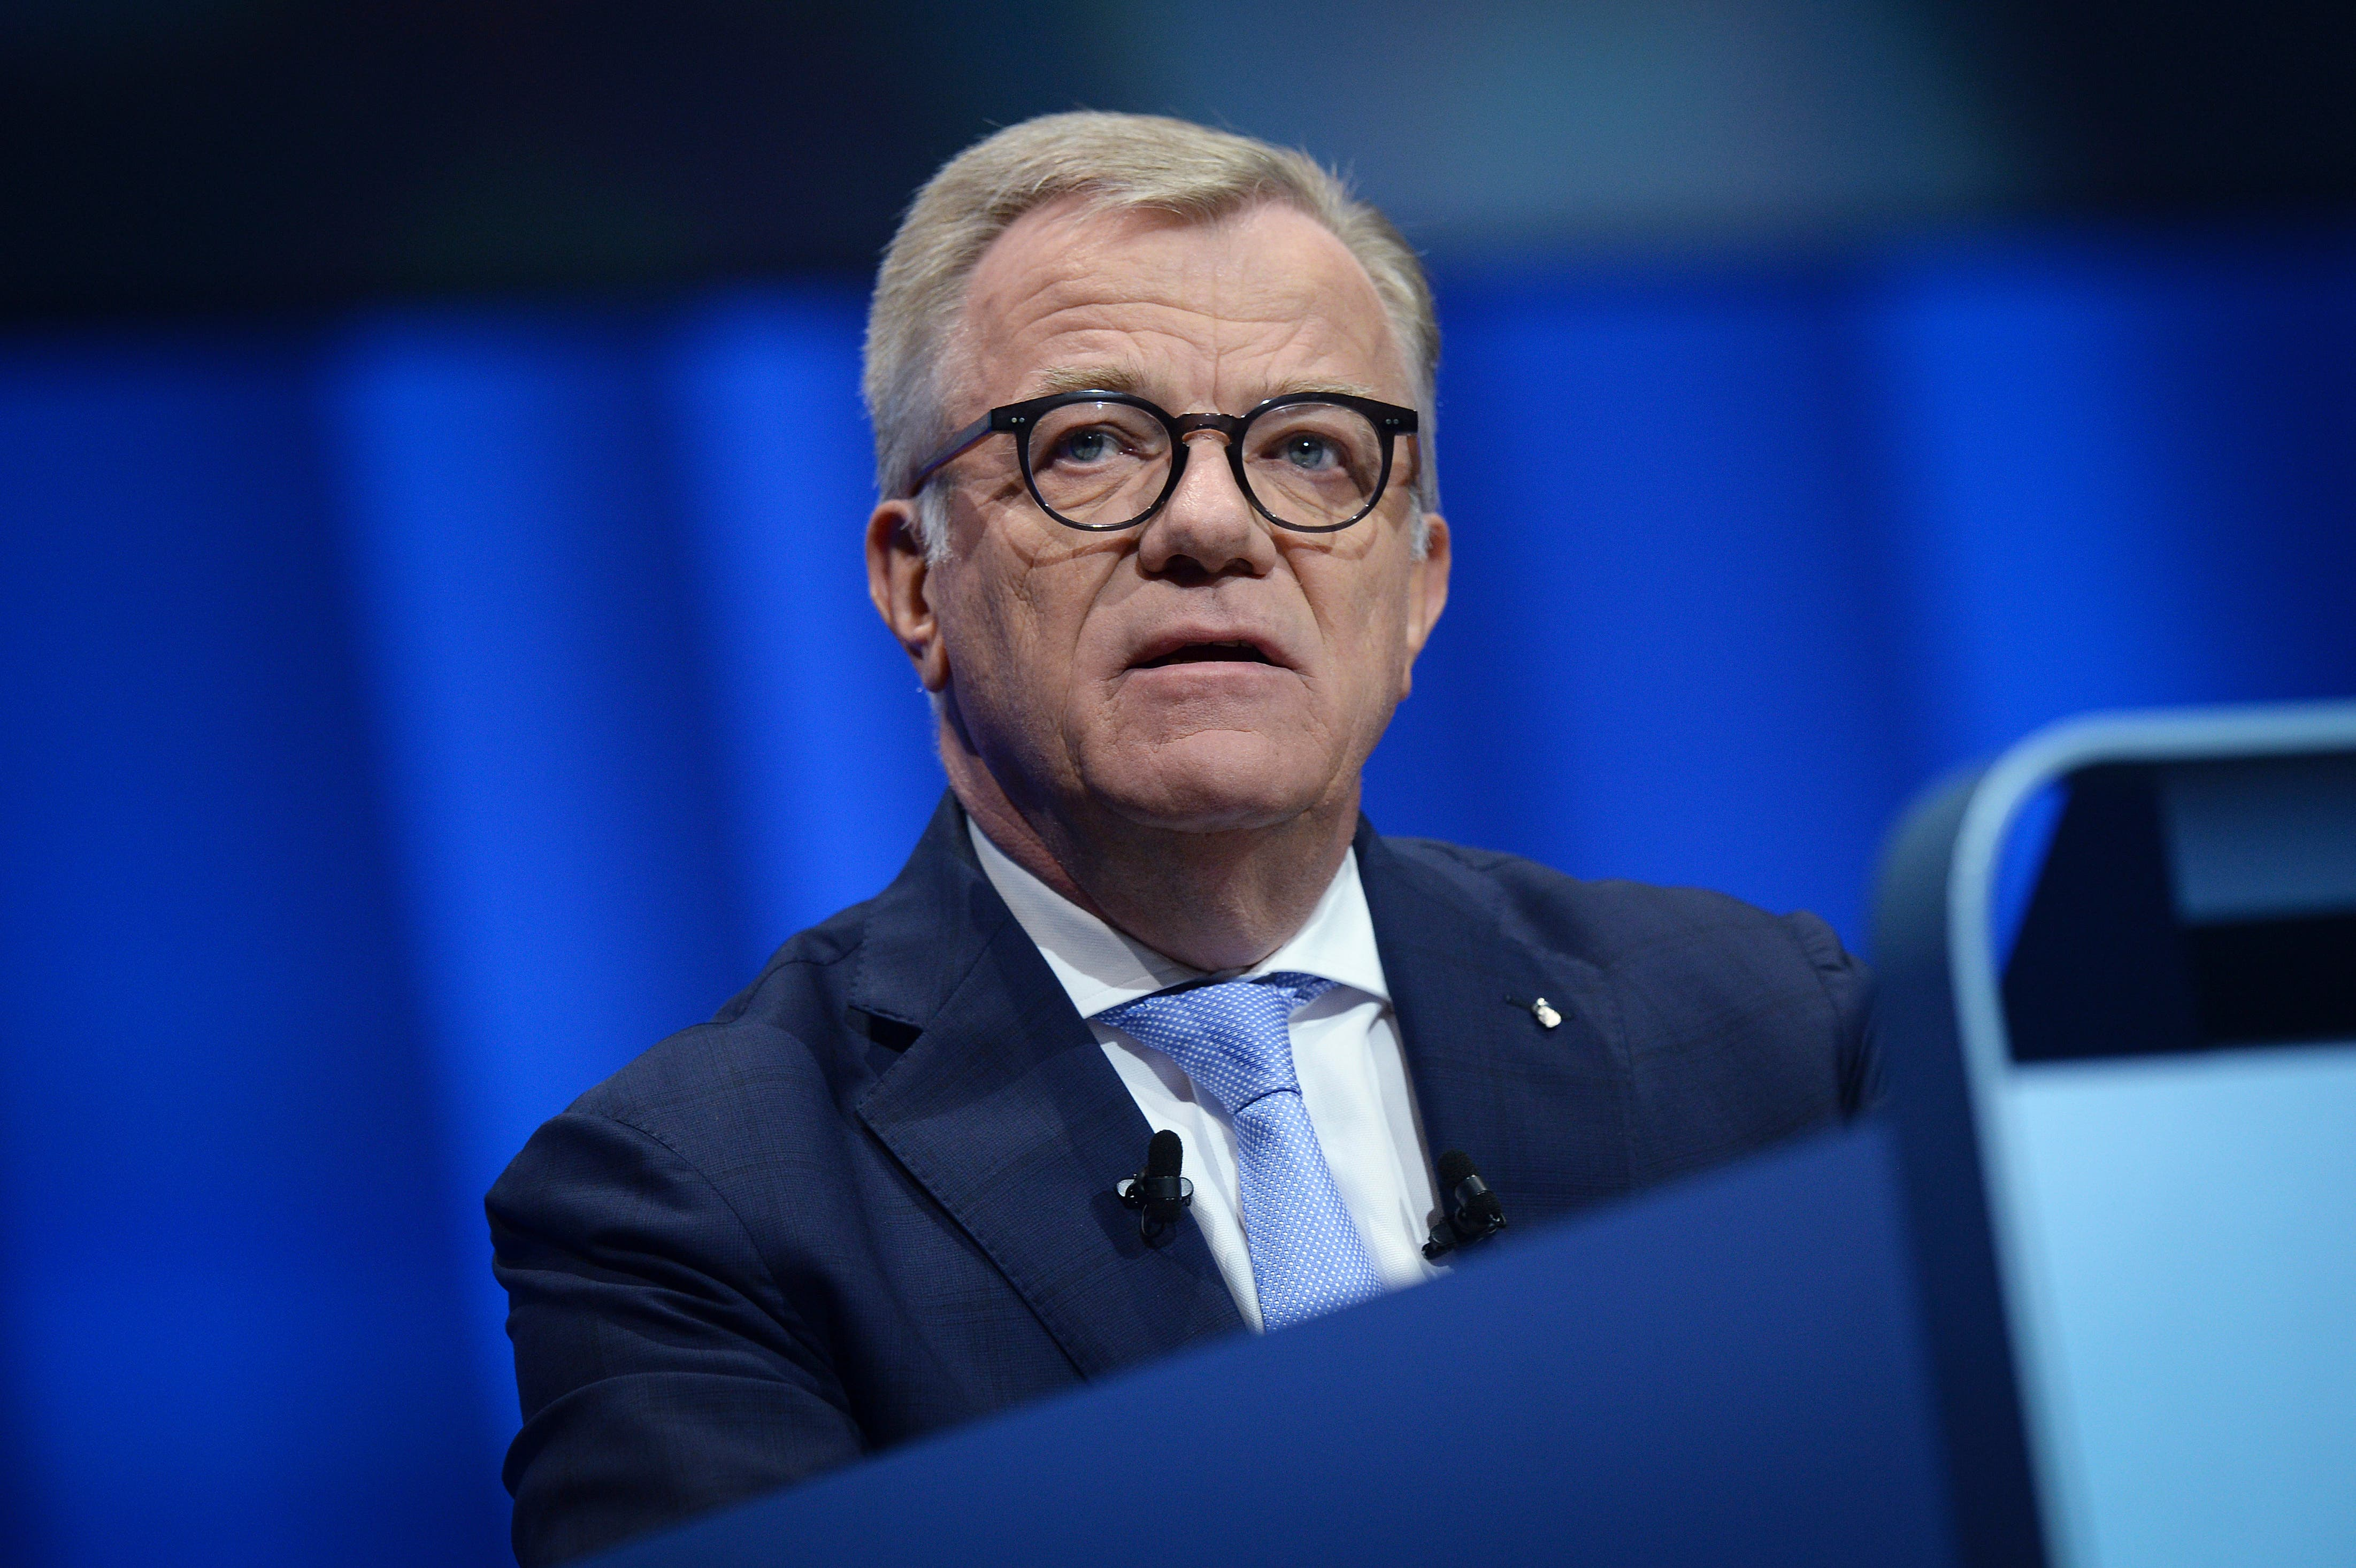 «Ich bin gegen die Initiative, weil ich den bilateralen Weg und unseren Zugang zum EU-Markt nicht gefährden will.» Hansueli Loosli, VR-Präsident Coop und Swisscom.